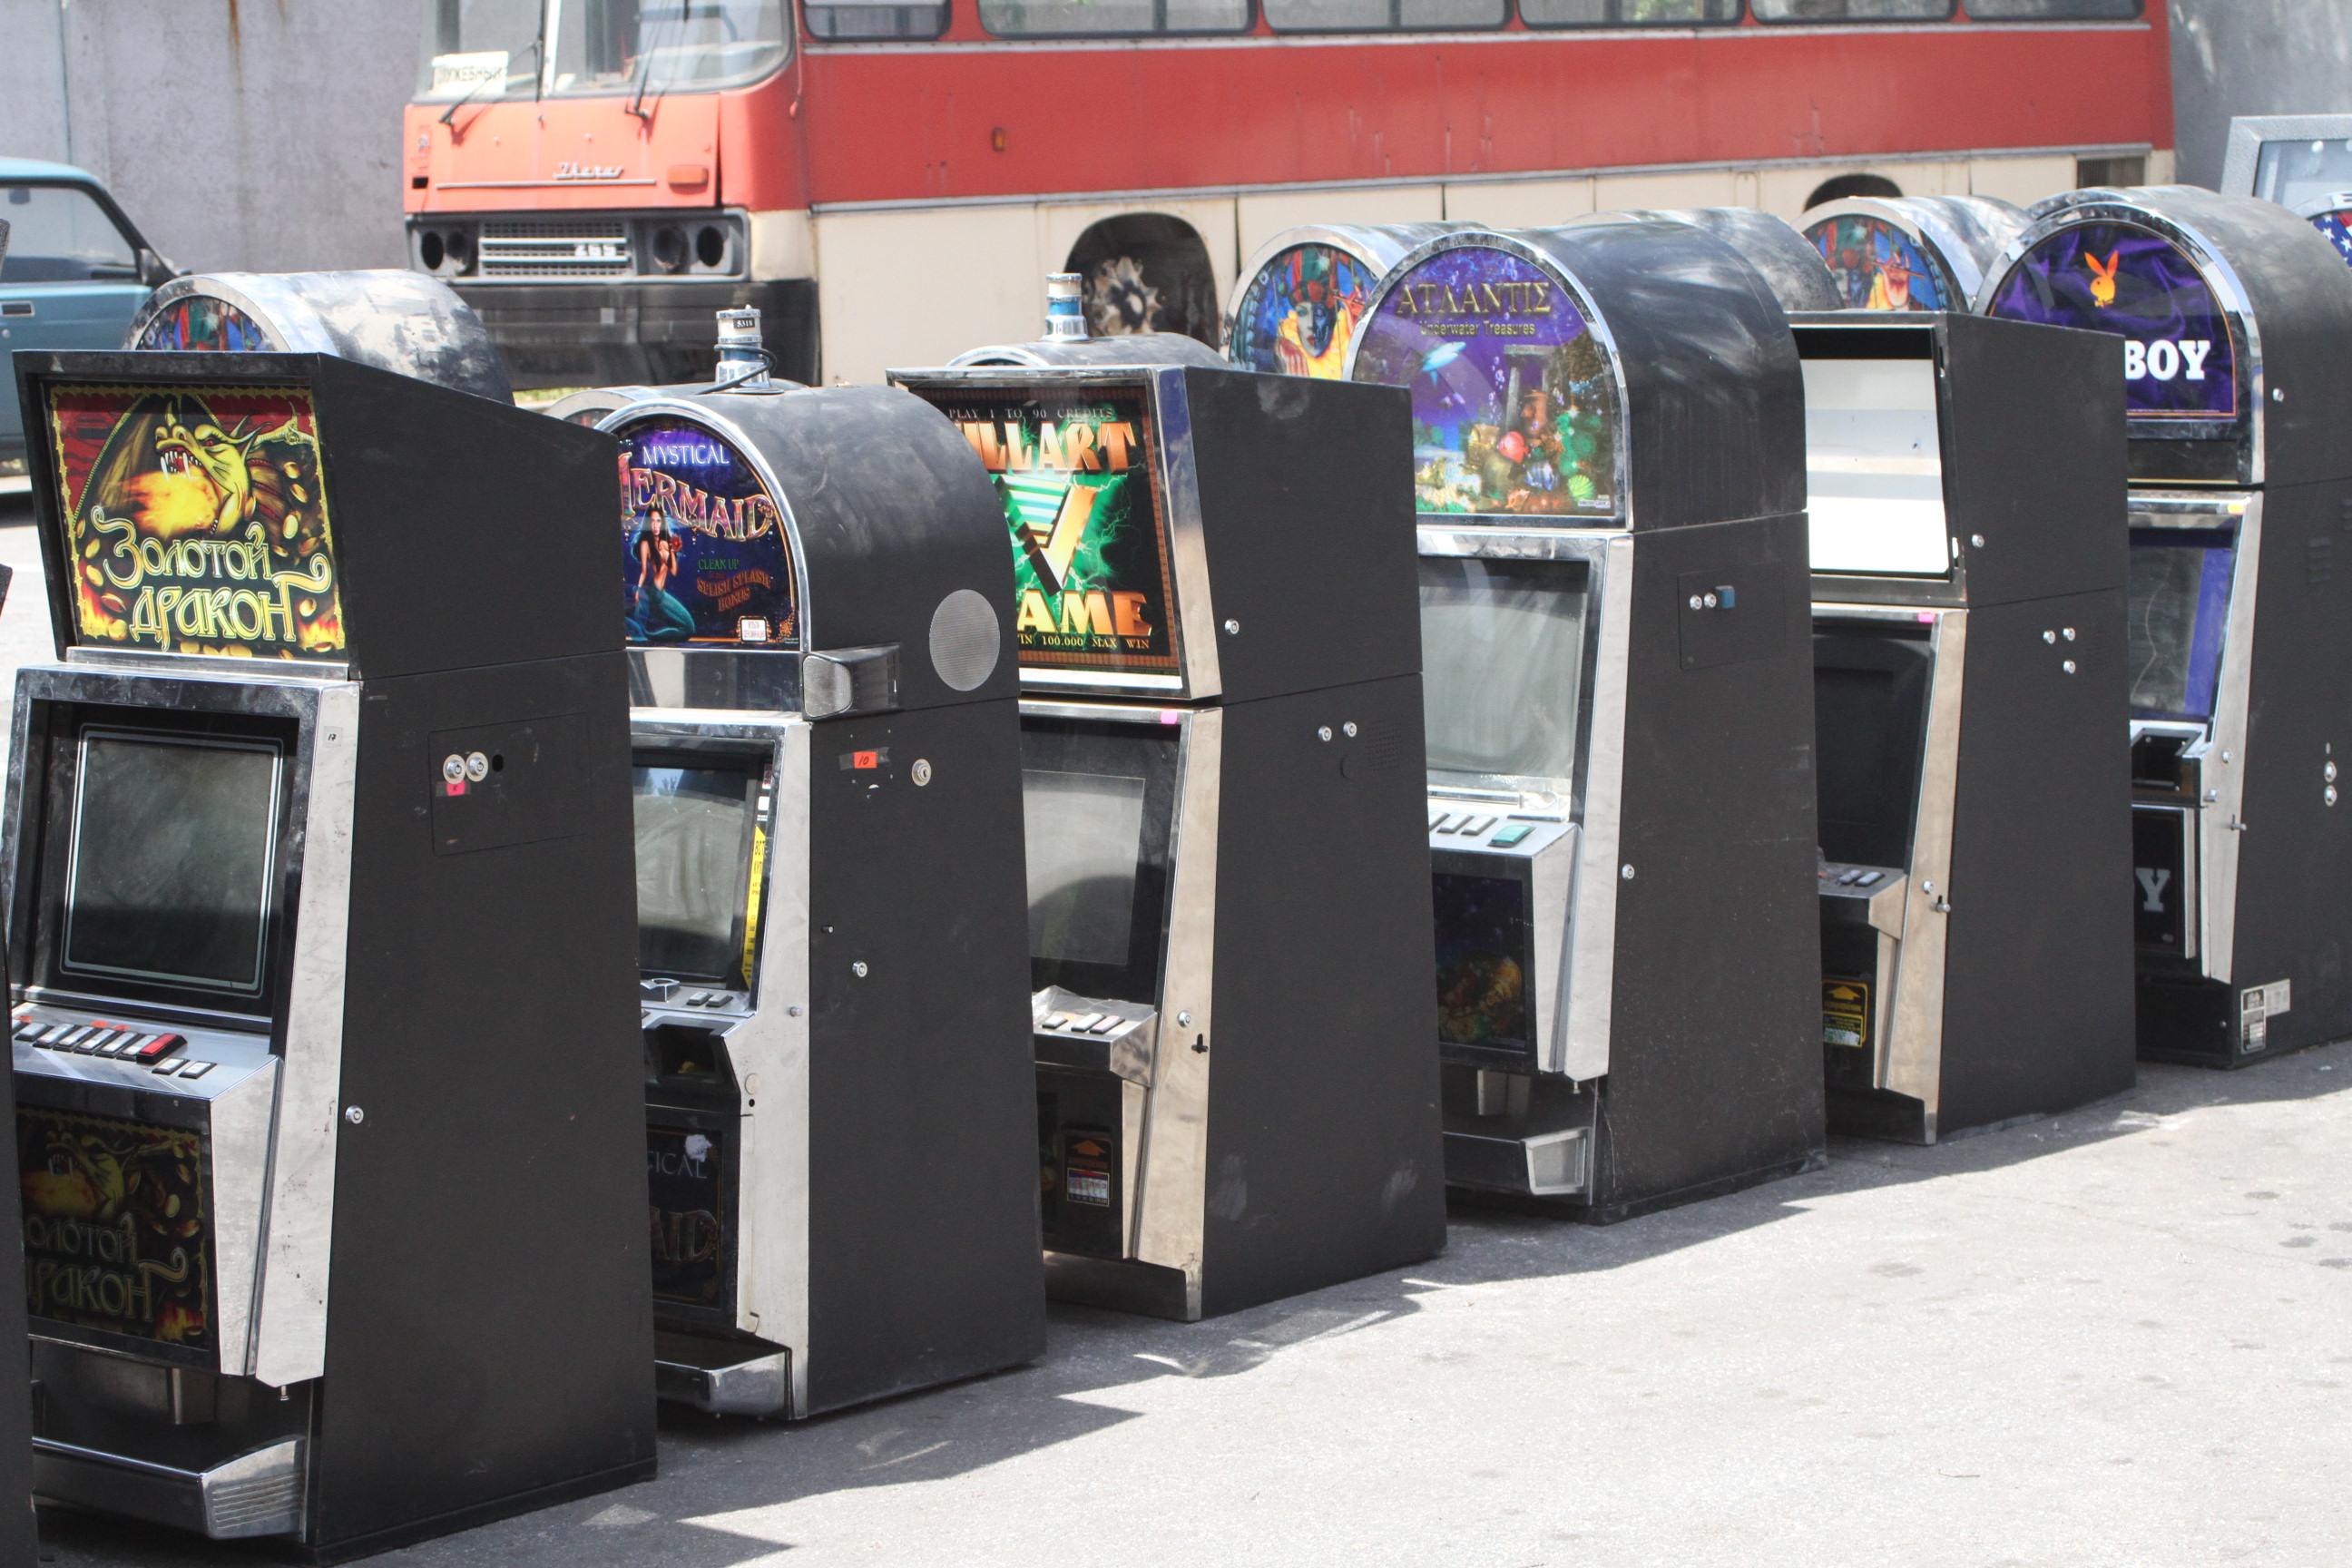 на основании чего осчуществляется изъятие игровых автоматов